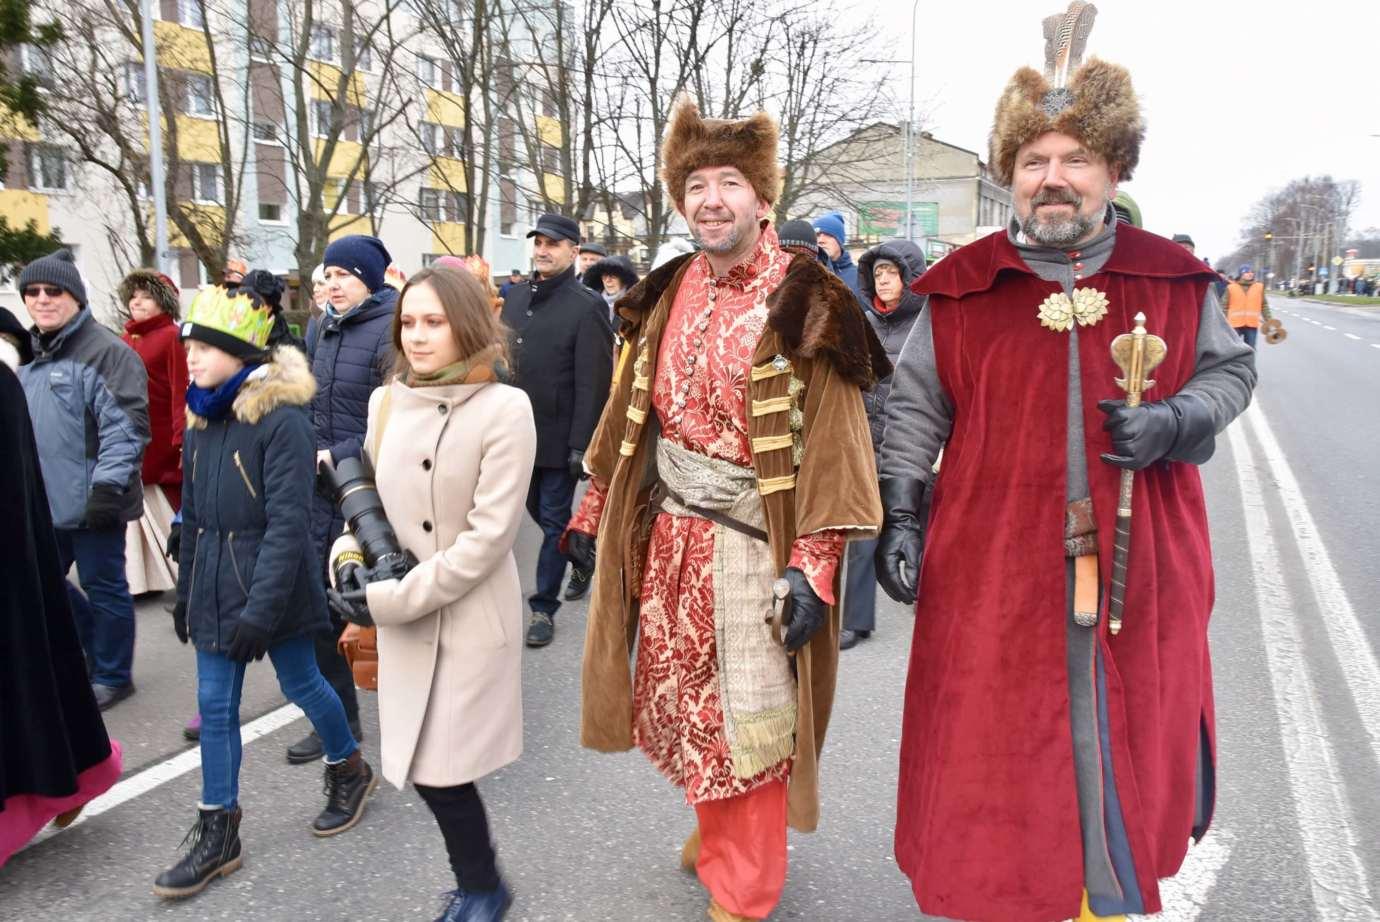 dsc 2392 Rekordowy VI Orszak Trzech Króli w Zamościu -